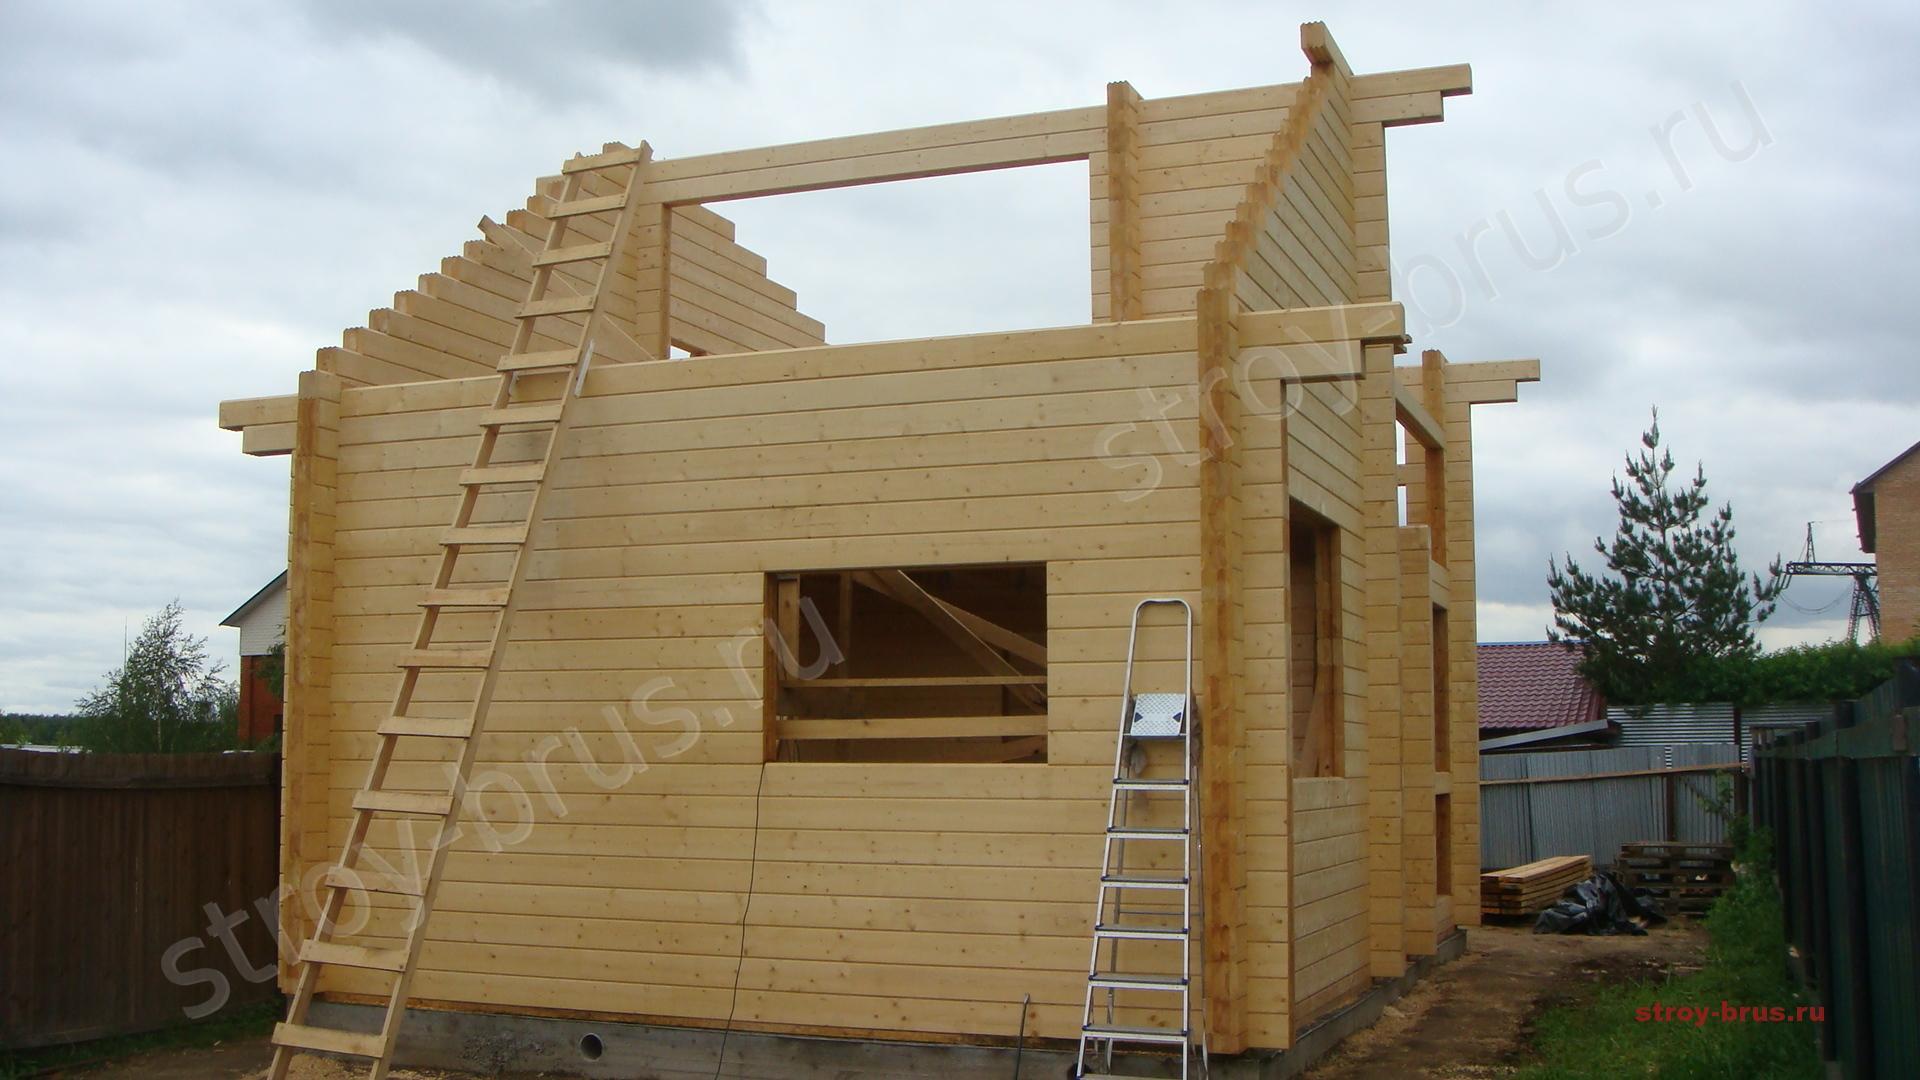 Дом из бруса своими руками - 100 фото и пошаговая инструкция 66